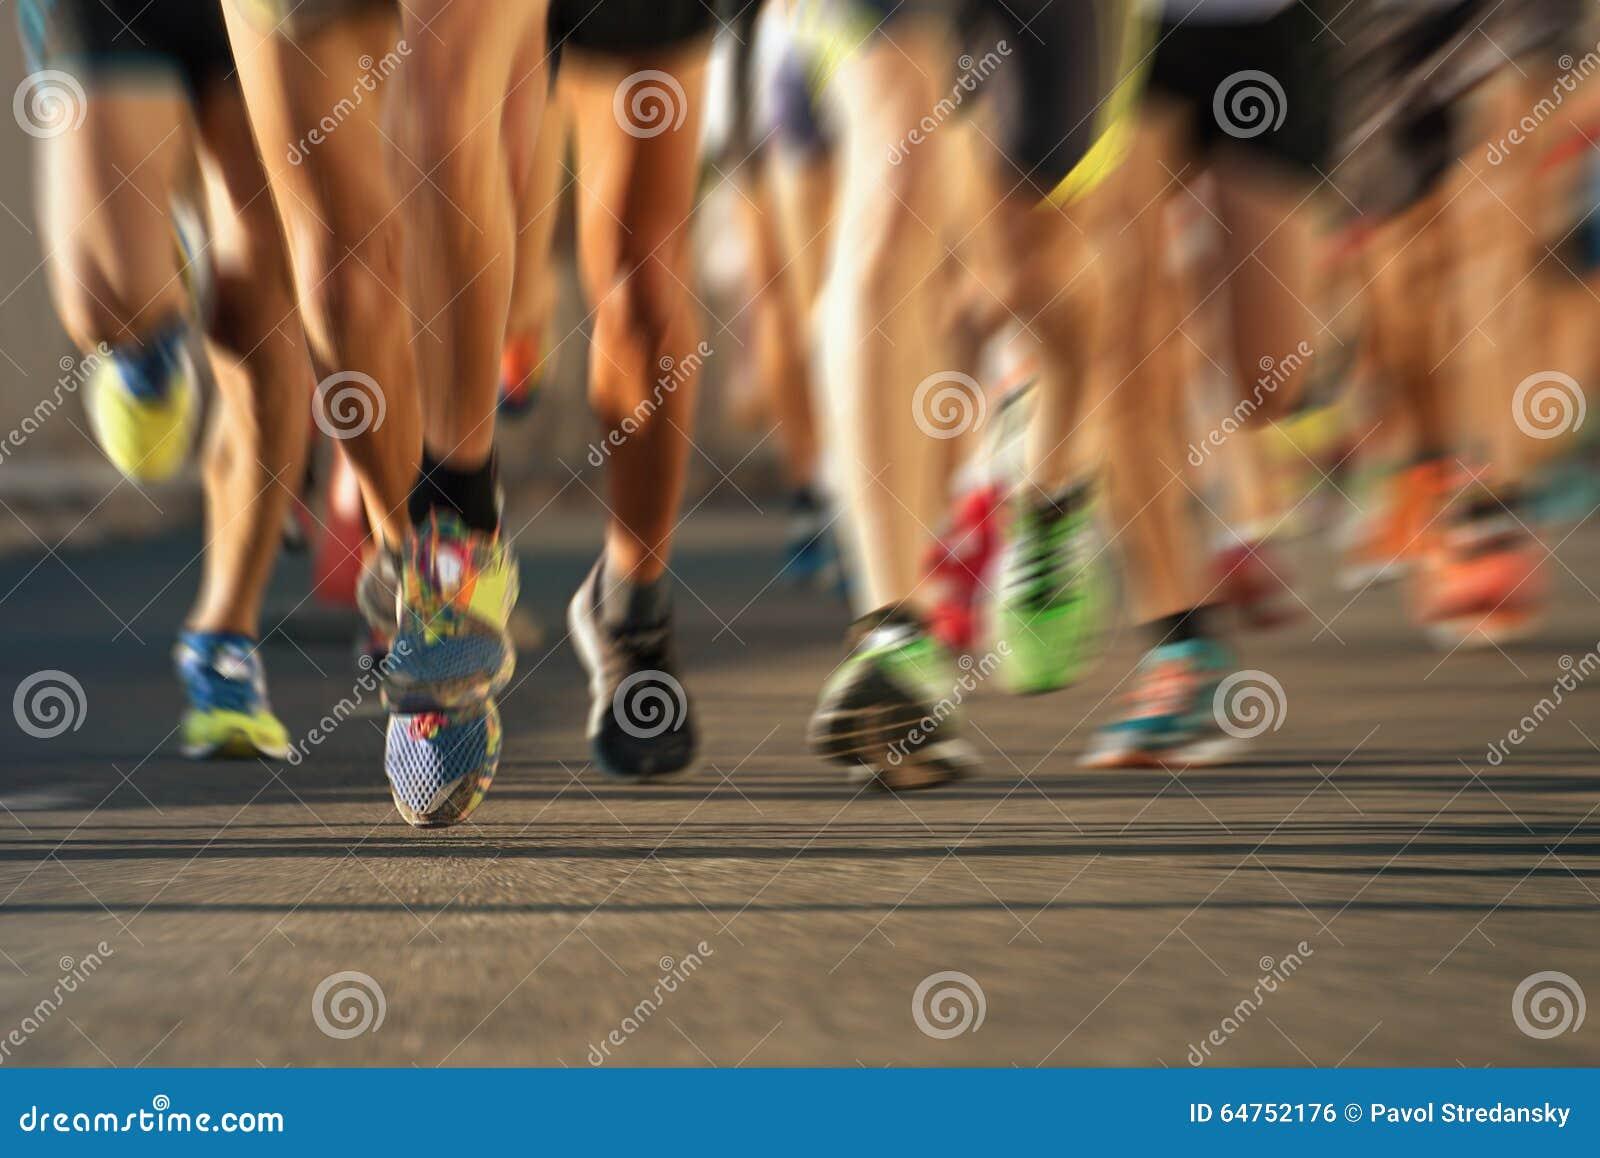 Funcionamiento del maratón